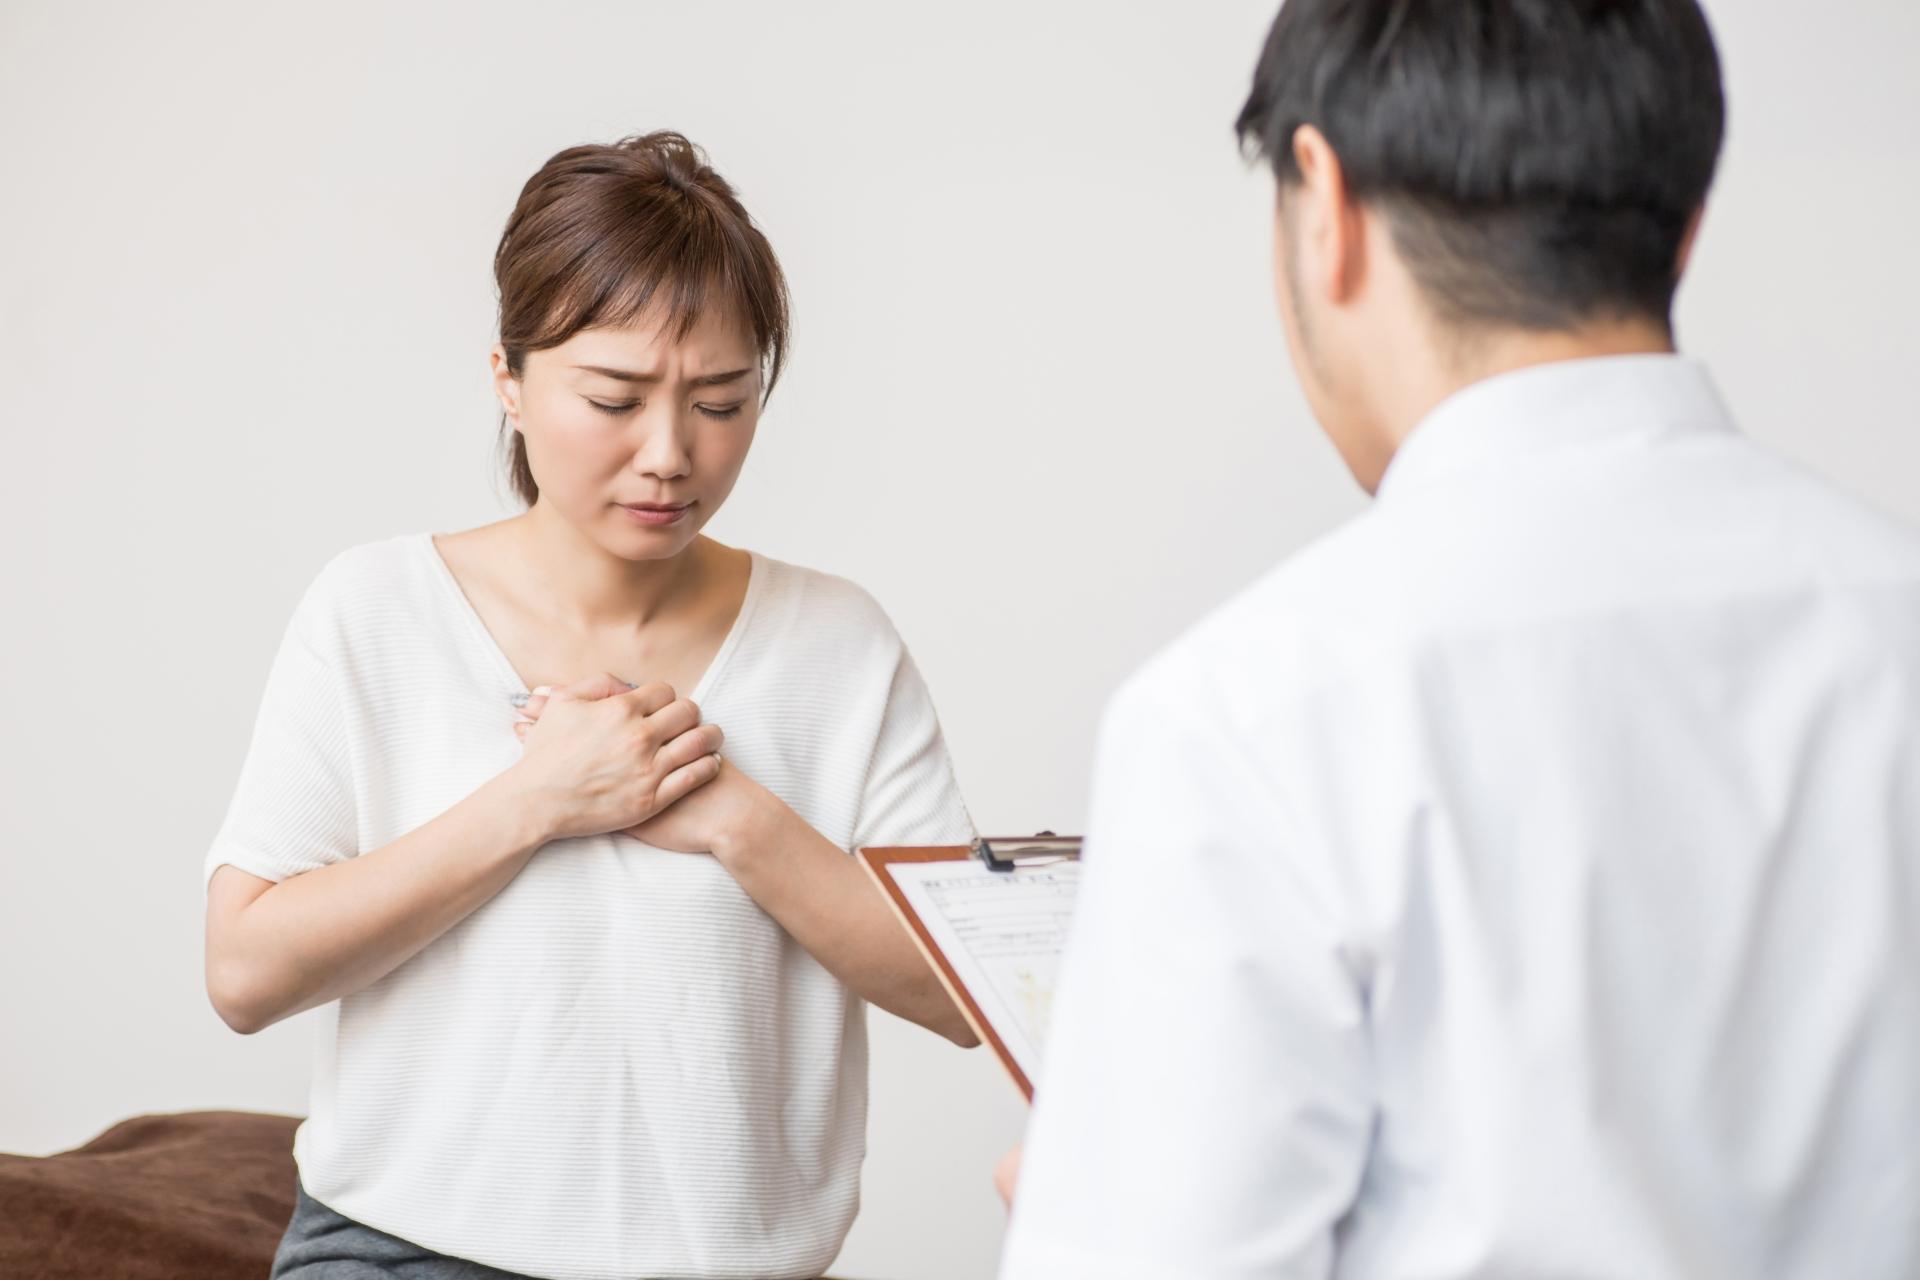 乳がん手術後の合併症について